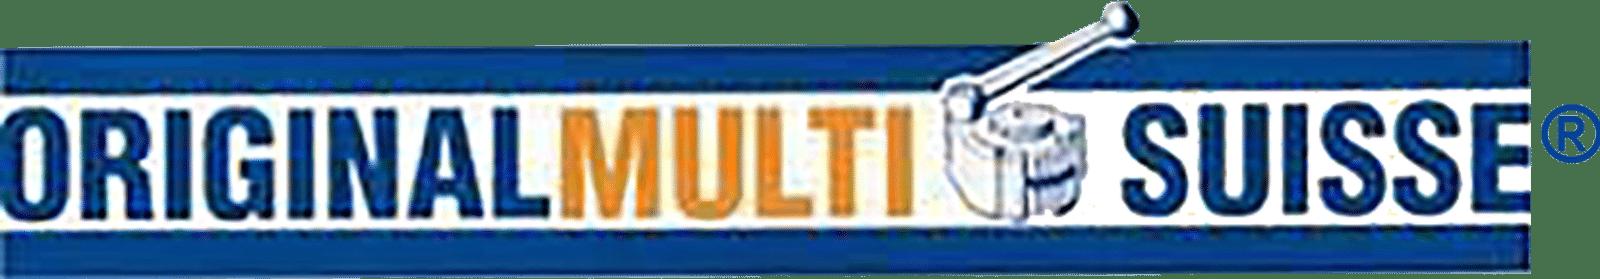 ORIGINAL MULTI SUISSE